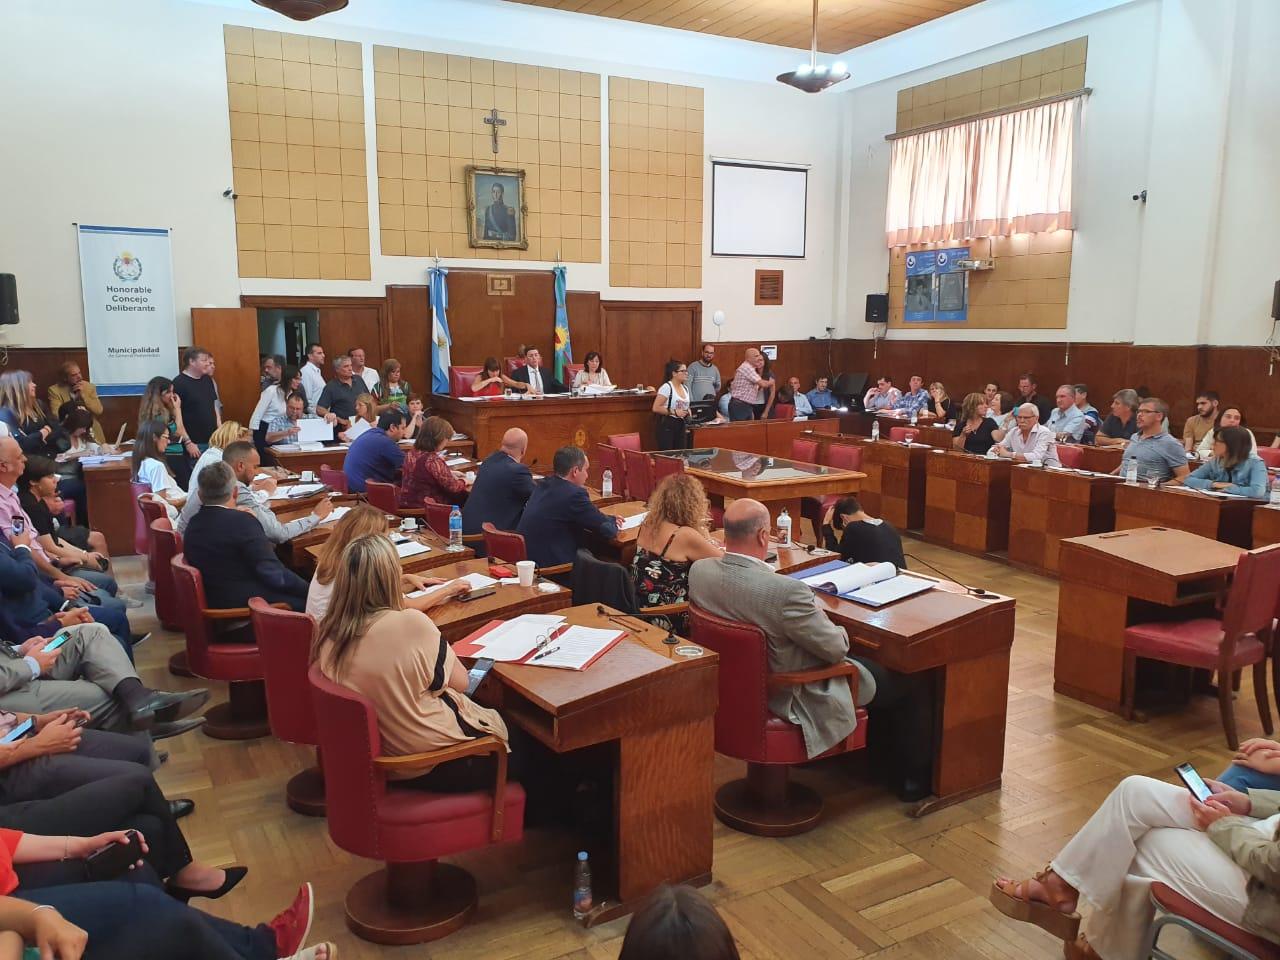 El Concejo Deliberante avanza con una reducción de gastos